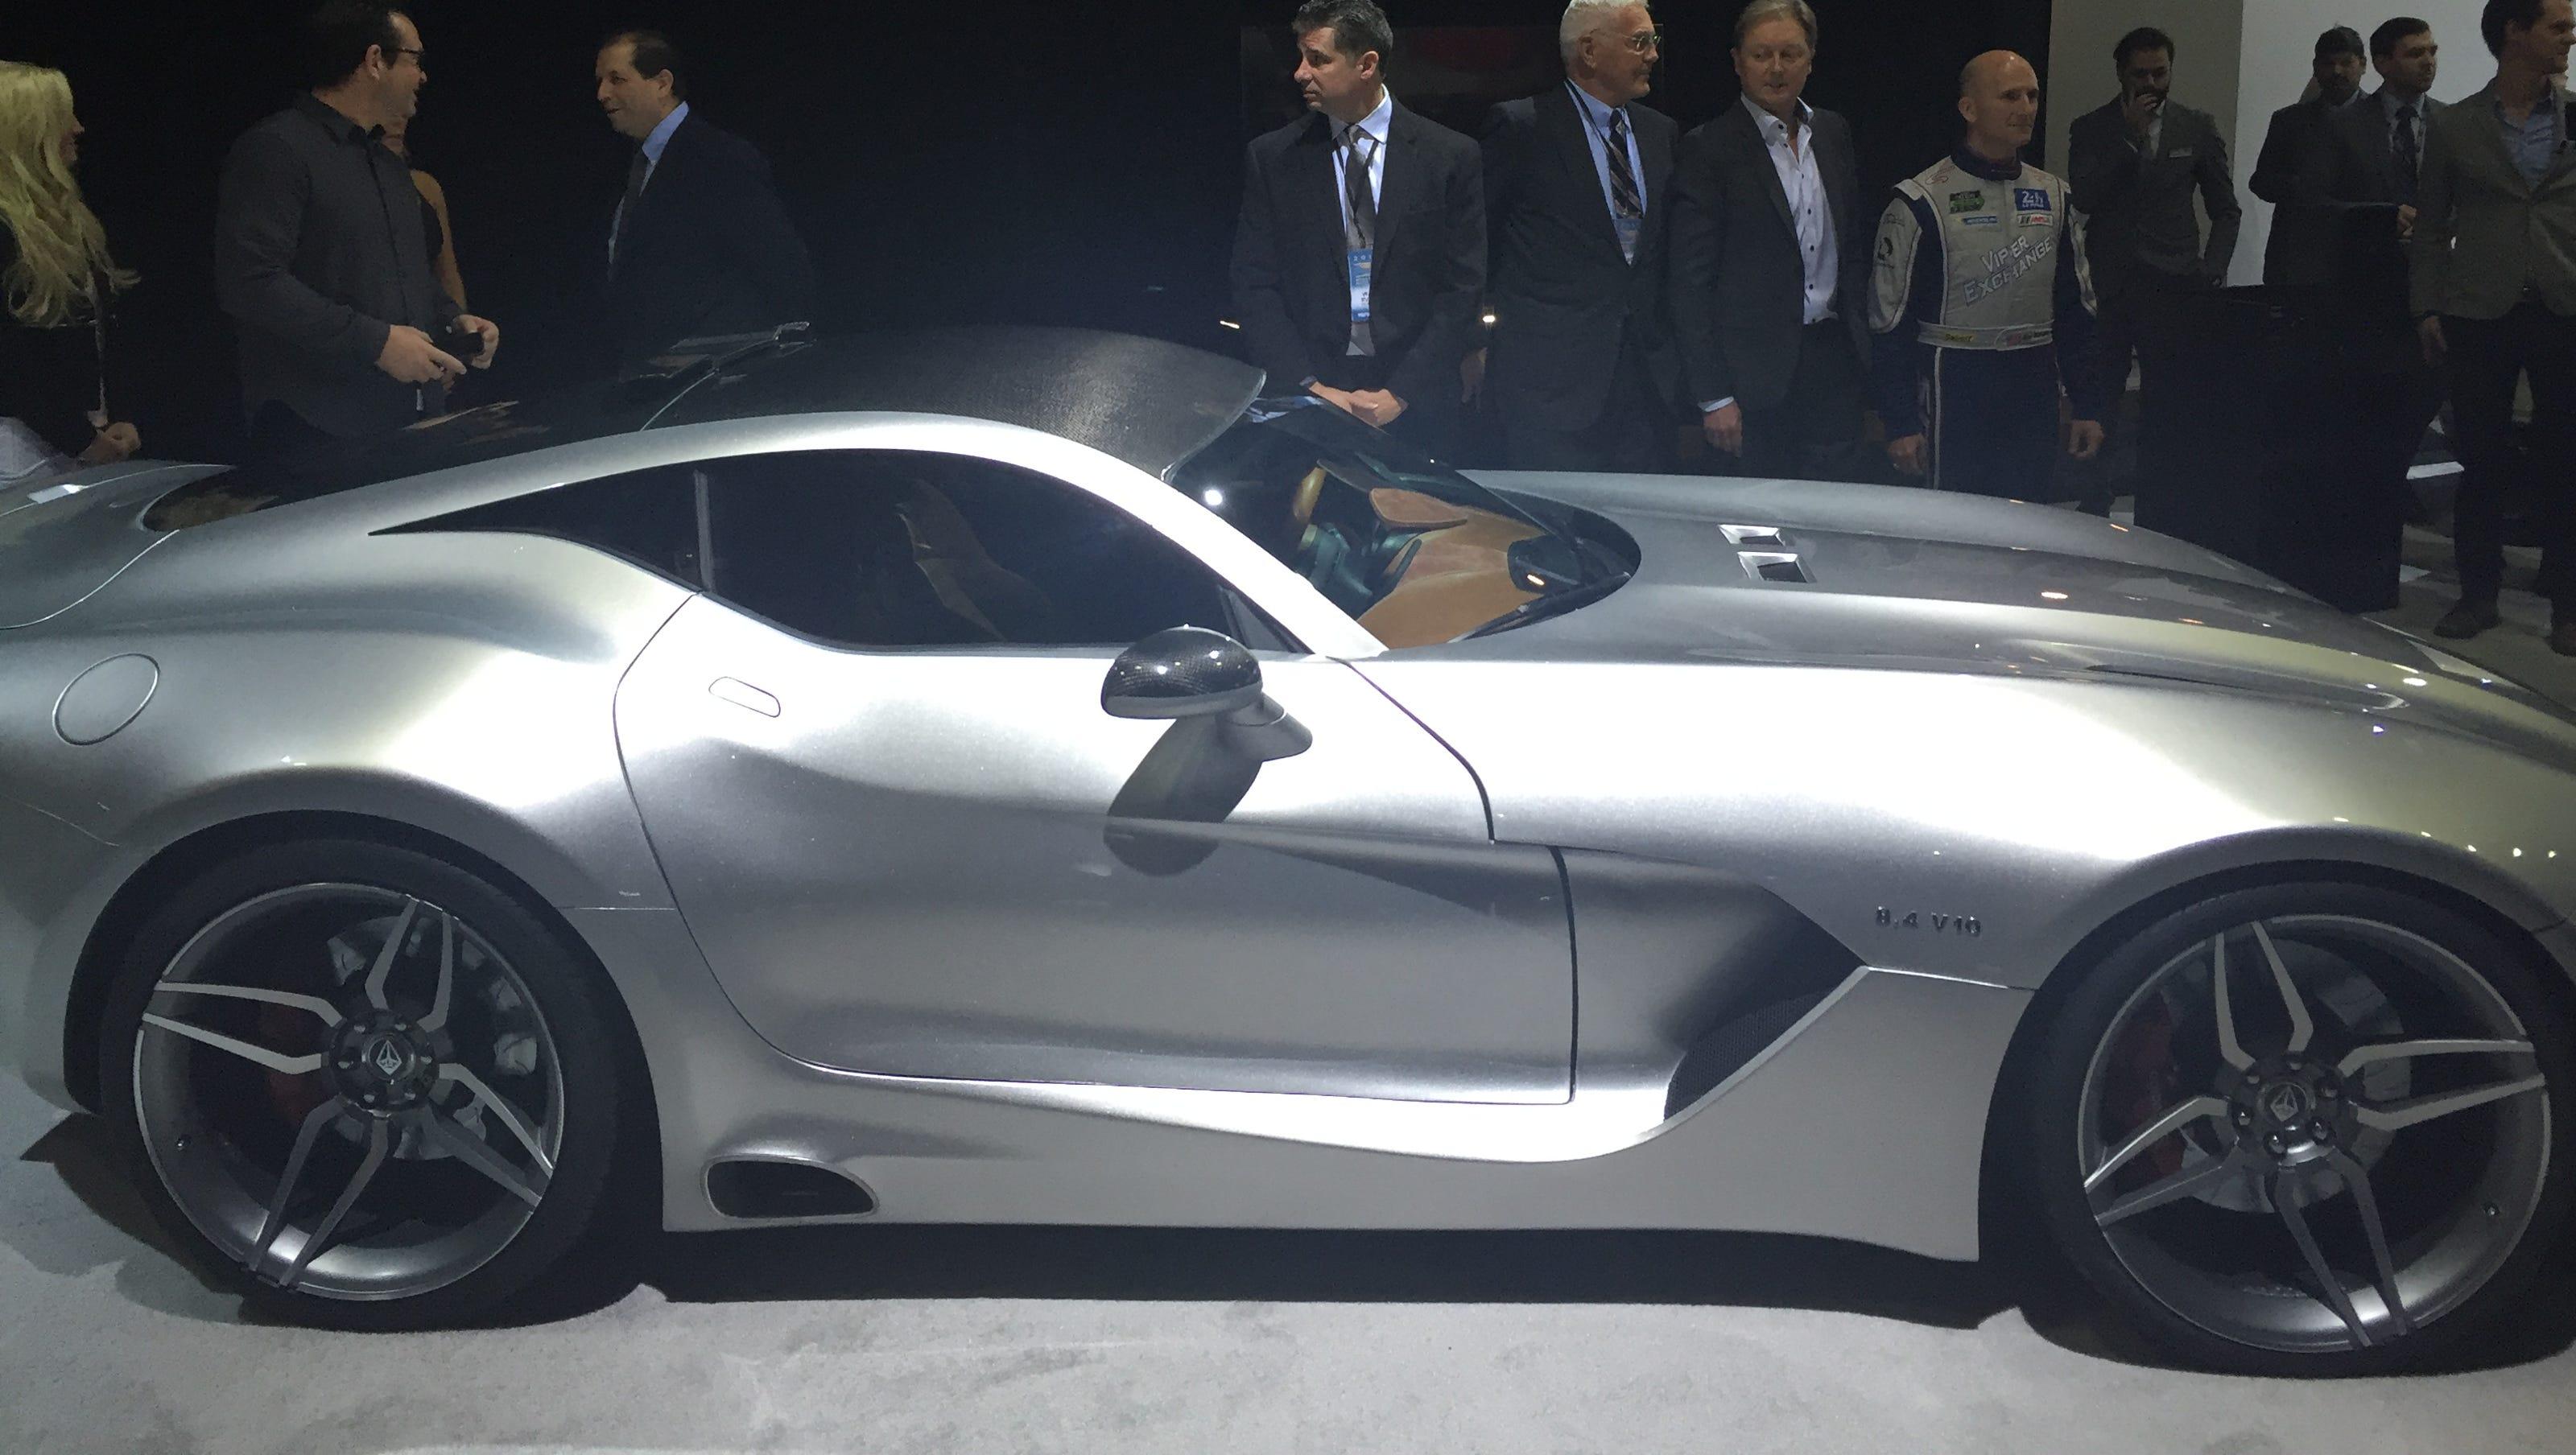 Vlf Automotive Force 1 >> Henrik Fisker launches Force 1 'super car' despite Aston Martin threats